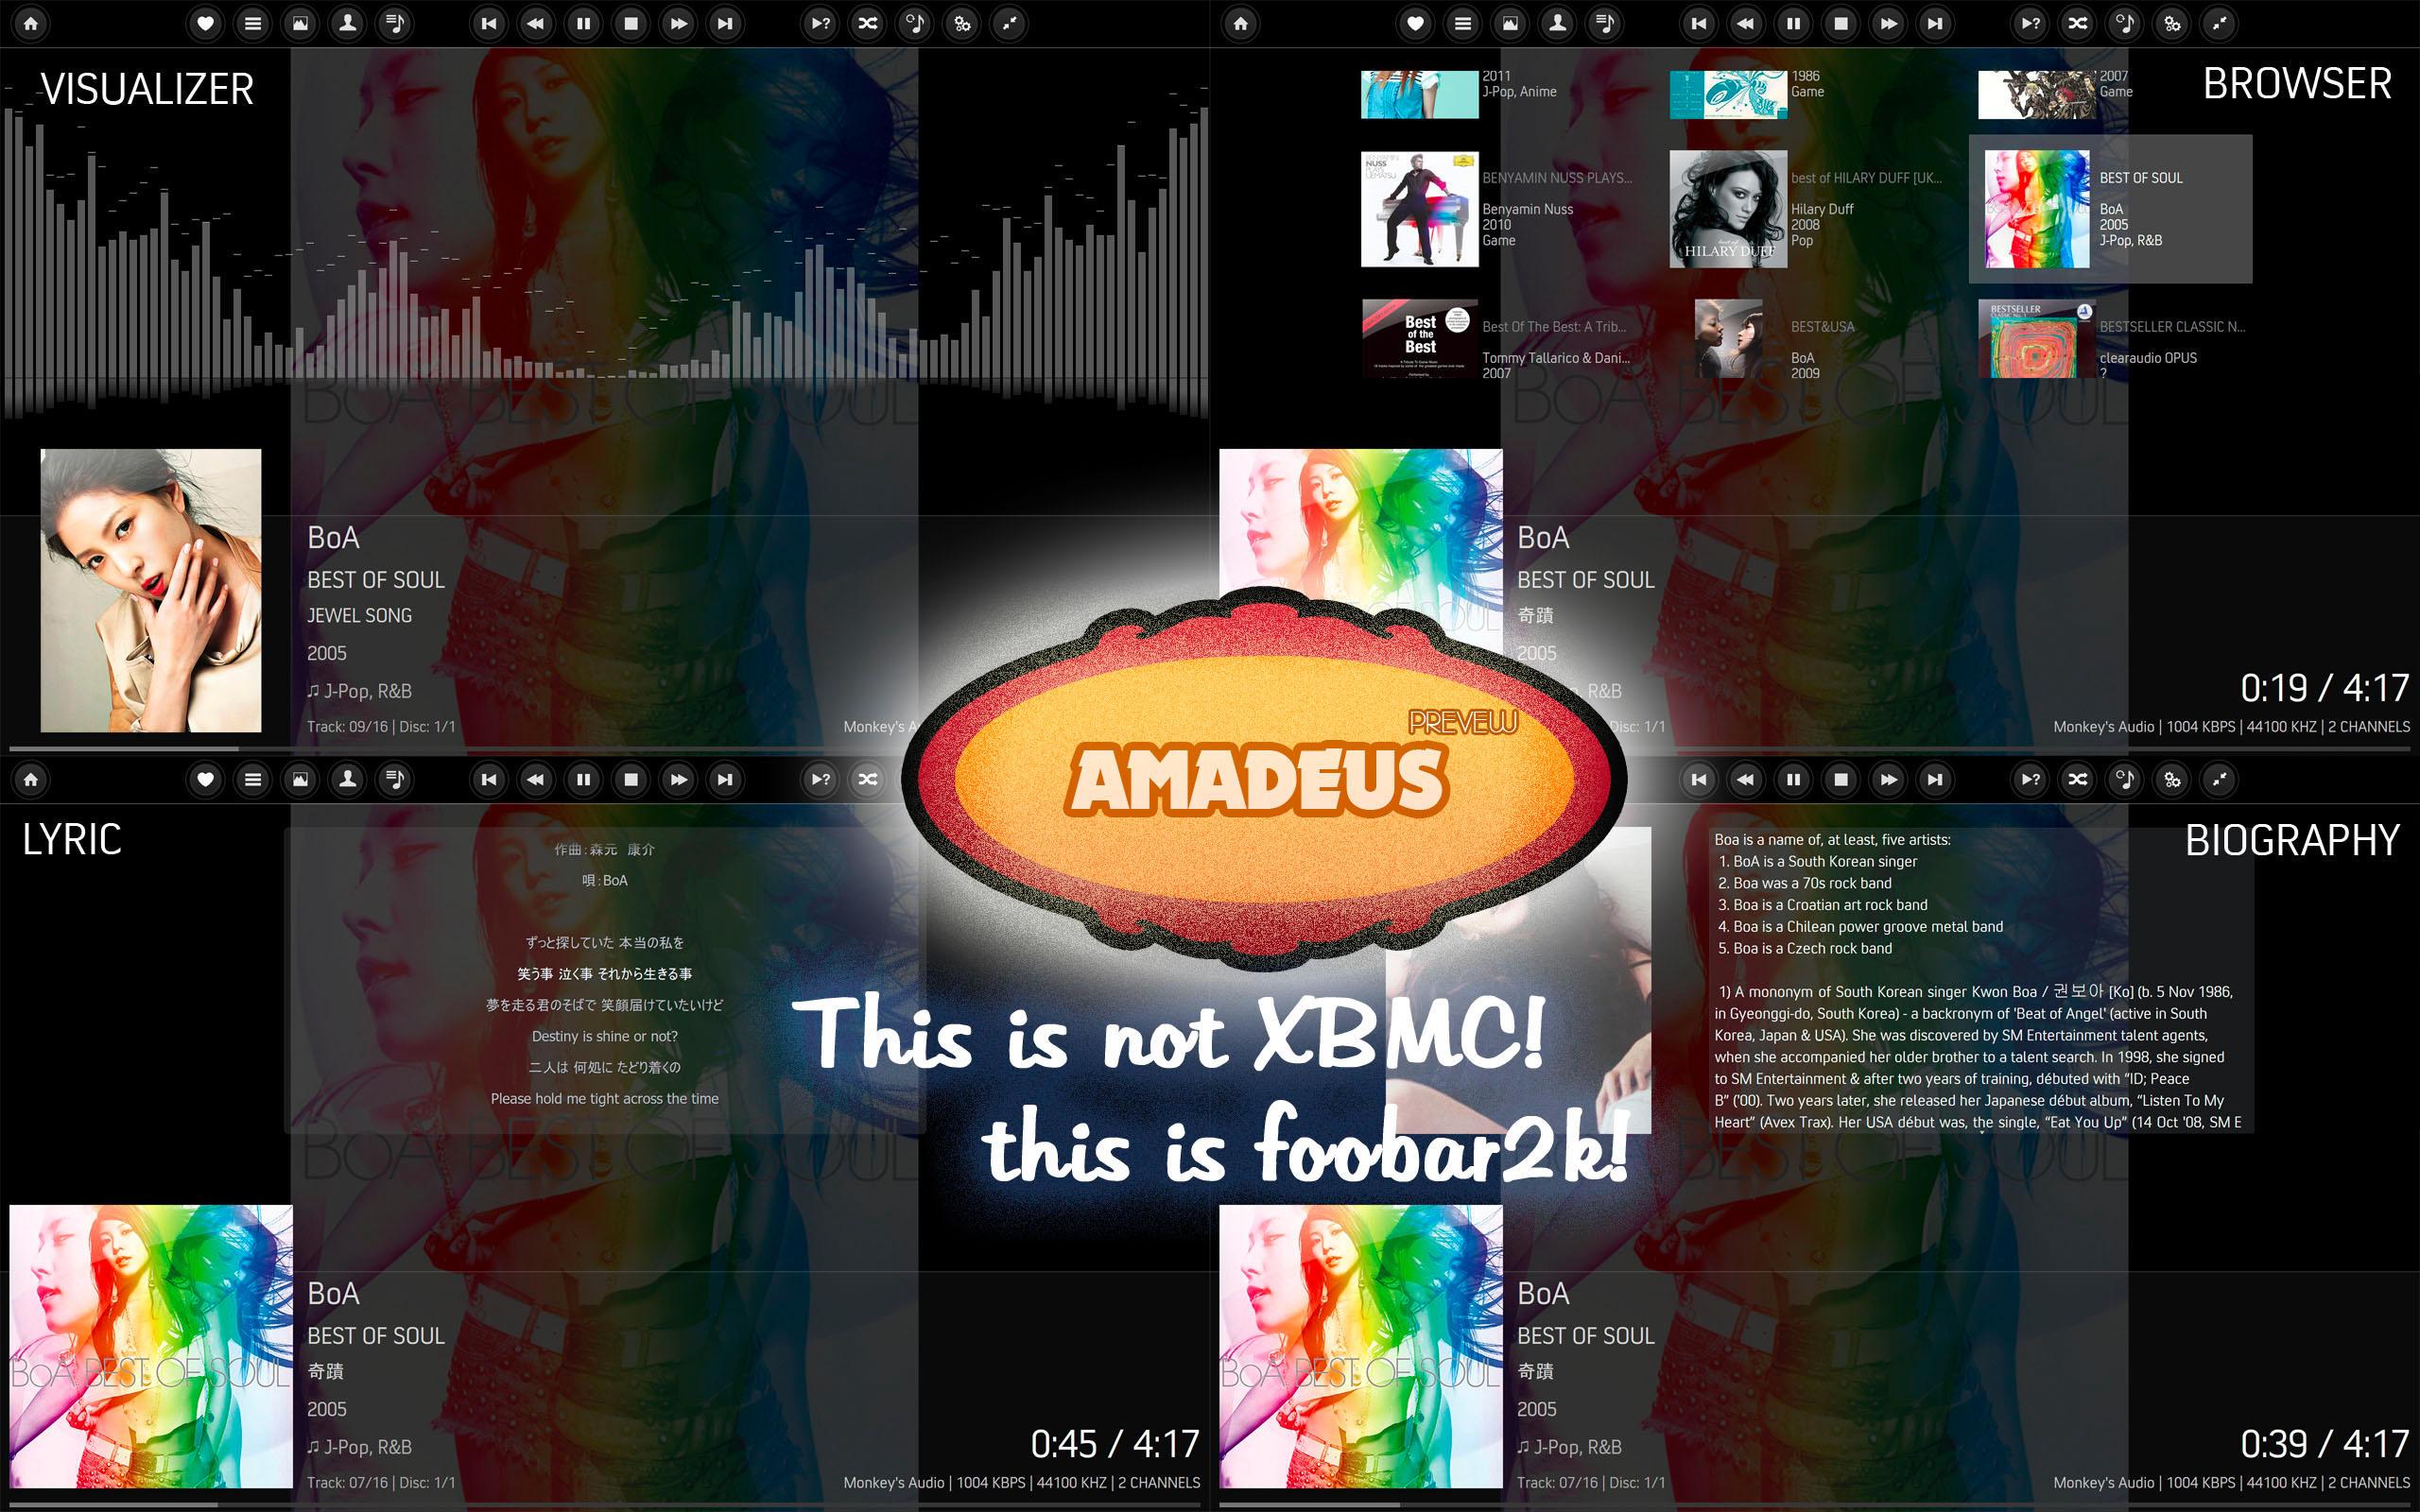 Amadeus v1 - A foobar2k HTPC skin by dsync89